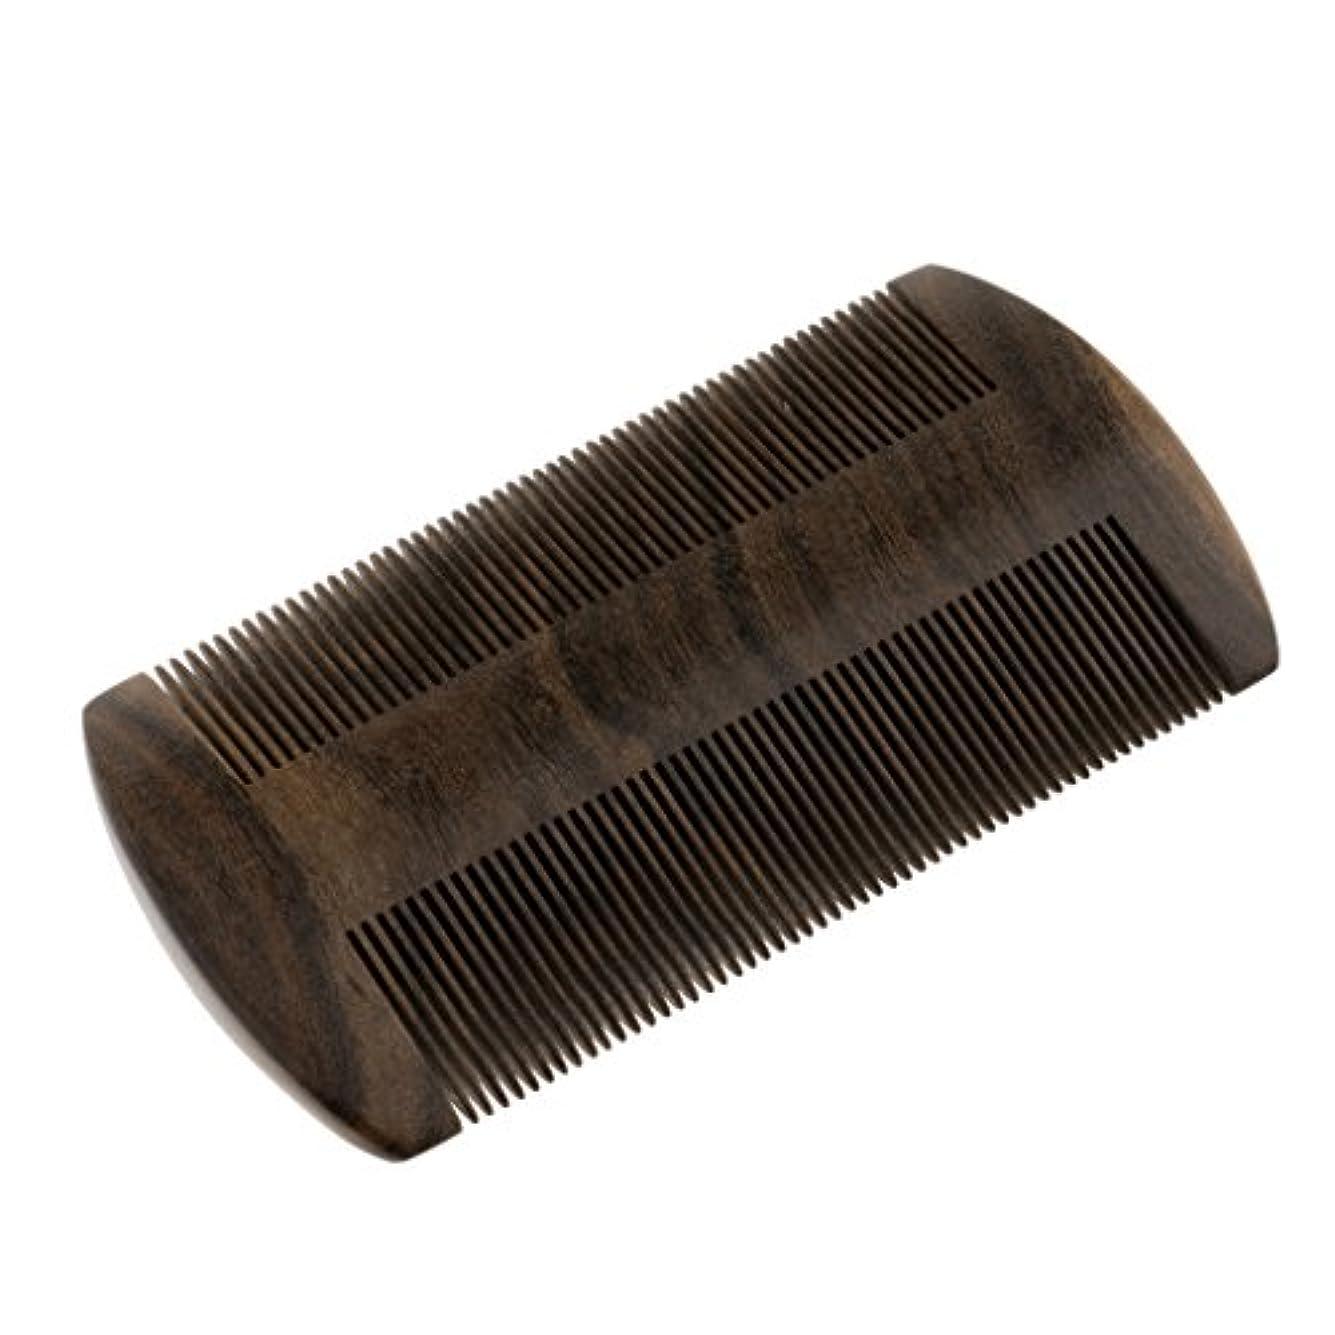 グラディストレース求人ヘアブラシ 静電気防止髭剃り櫛 ウッドコーム ミシュコーム 静電気防止